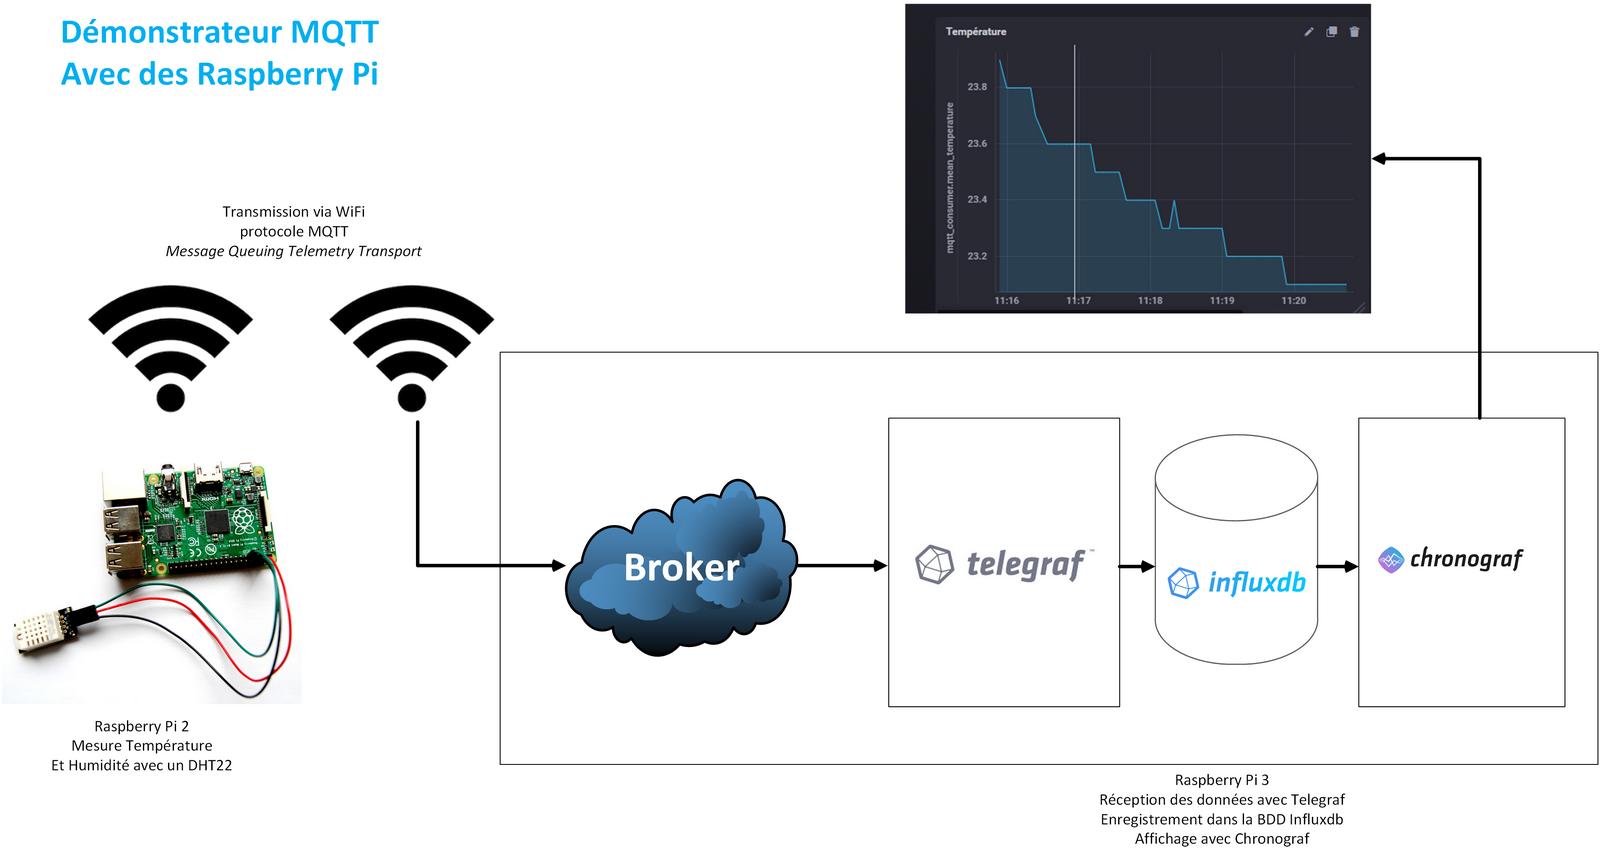 MQTT pour transférer des données entre deux Raspberry Pi